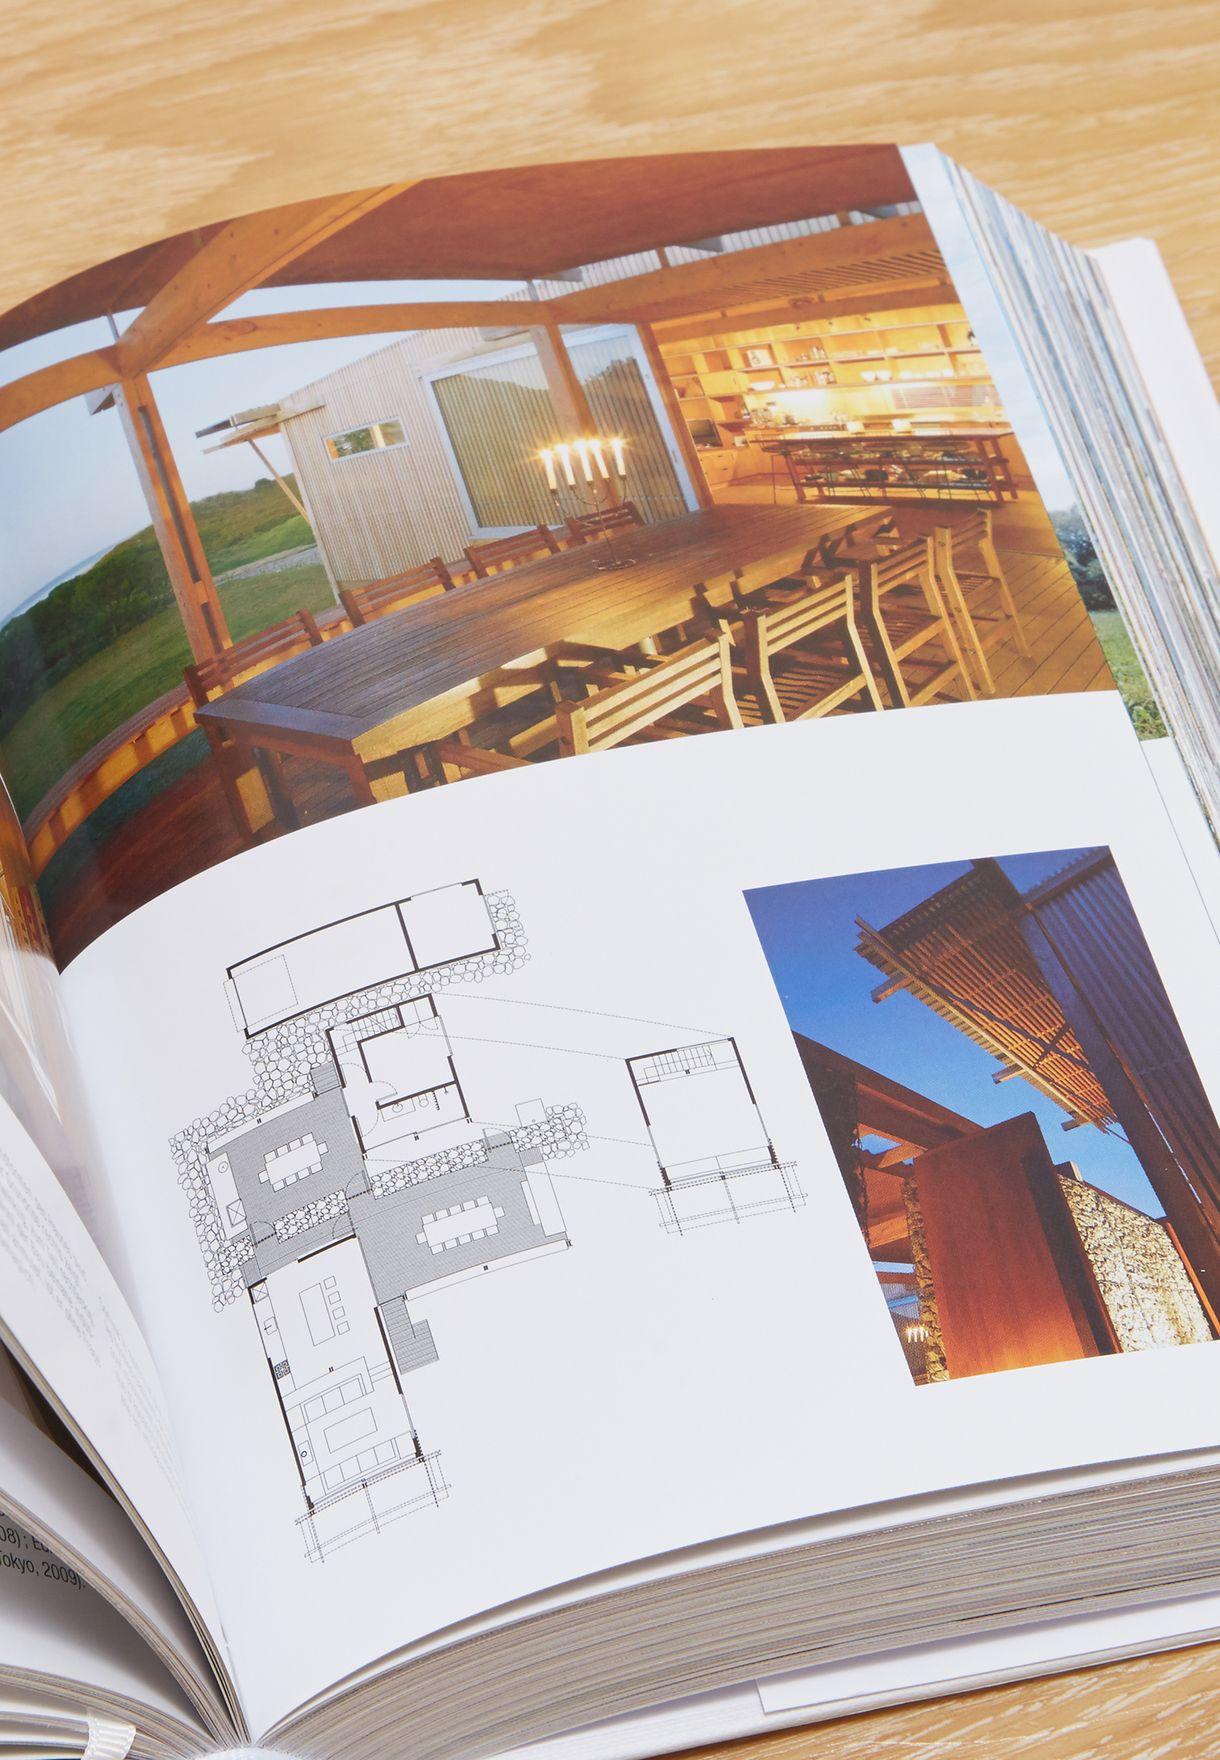 كتاب عن 100 منزل معاصر